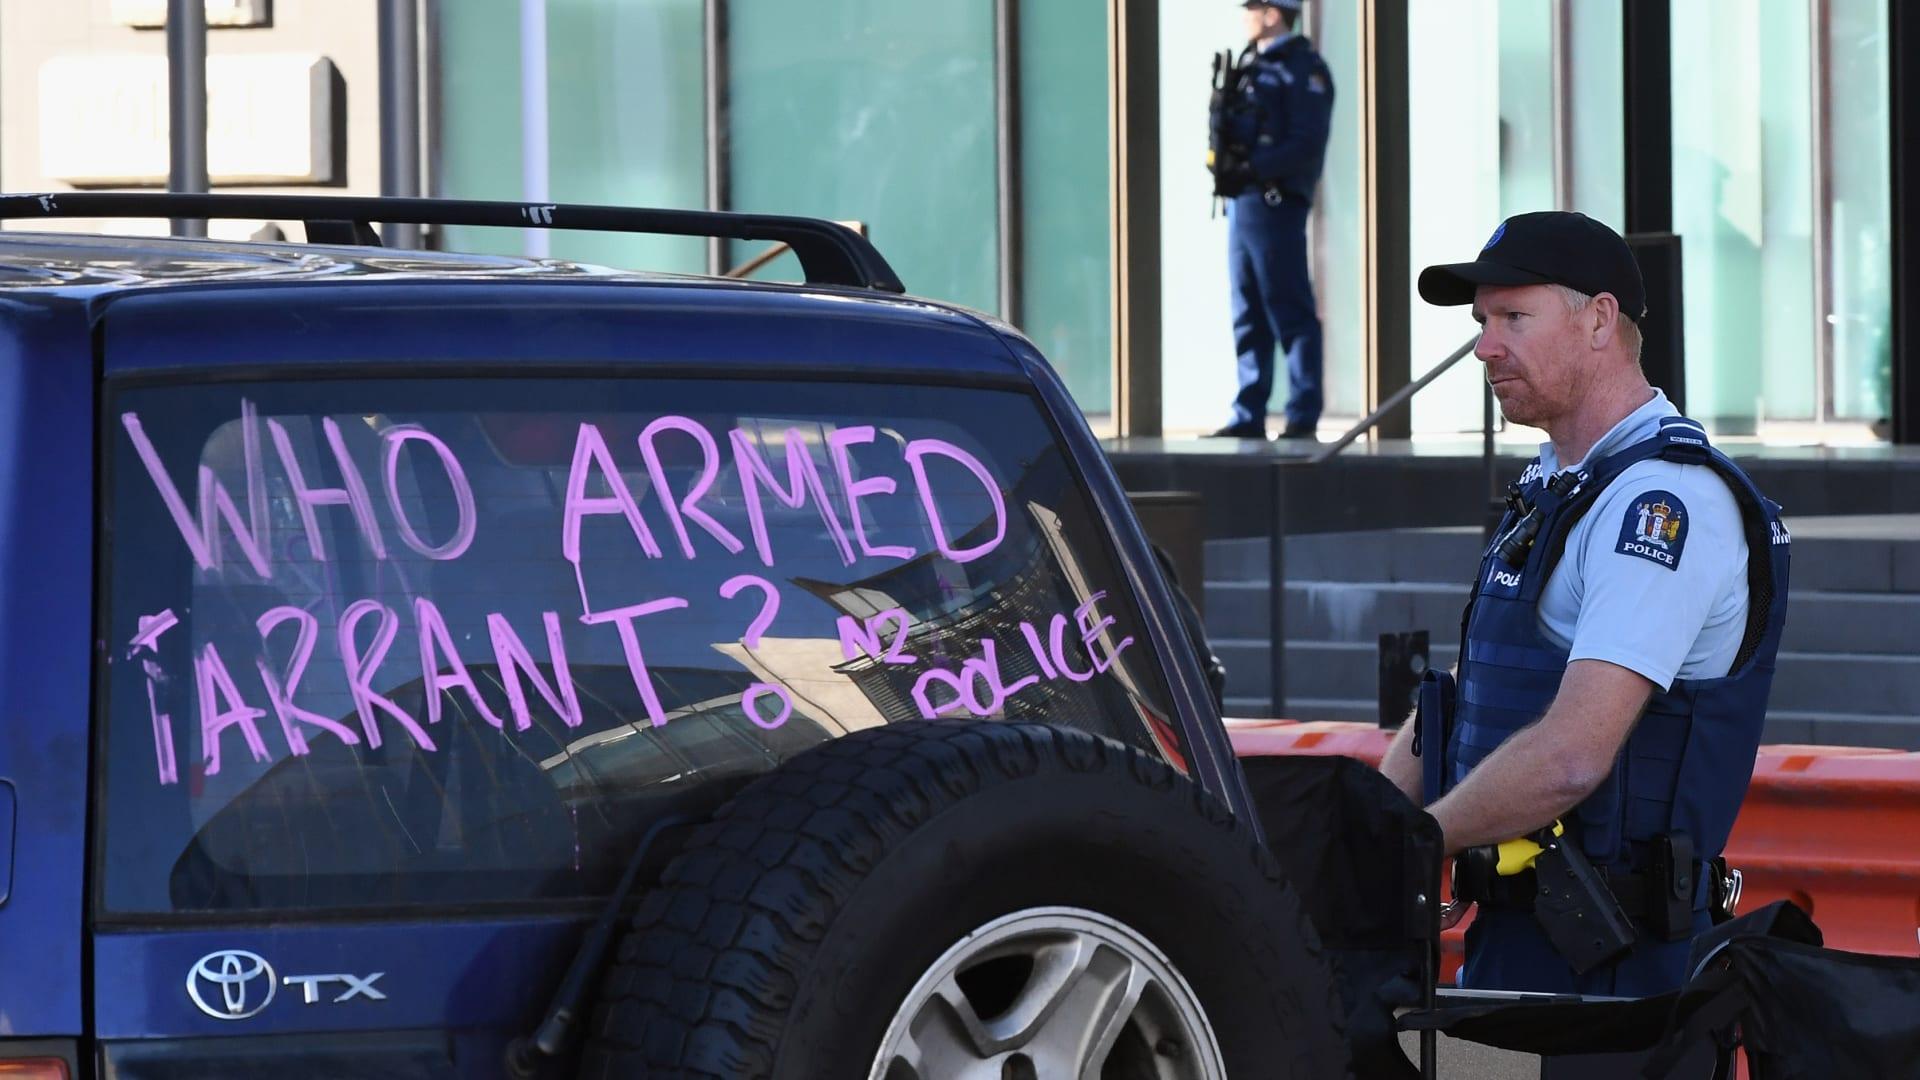 لحظة النطق بالحكم التاريخي ضد منفذ هجوم المسجدين في نيوزيلندا